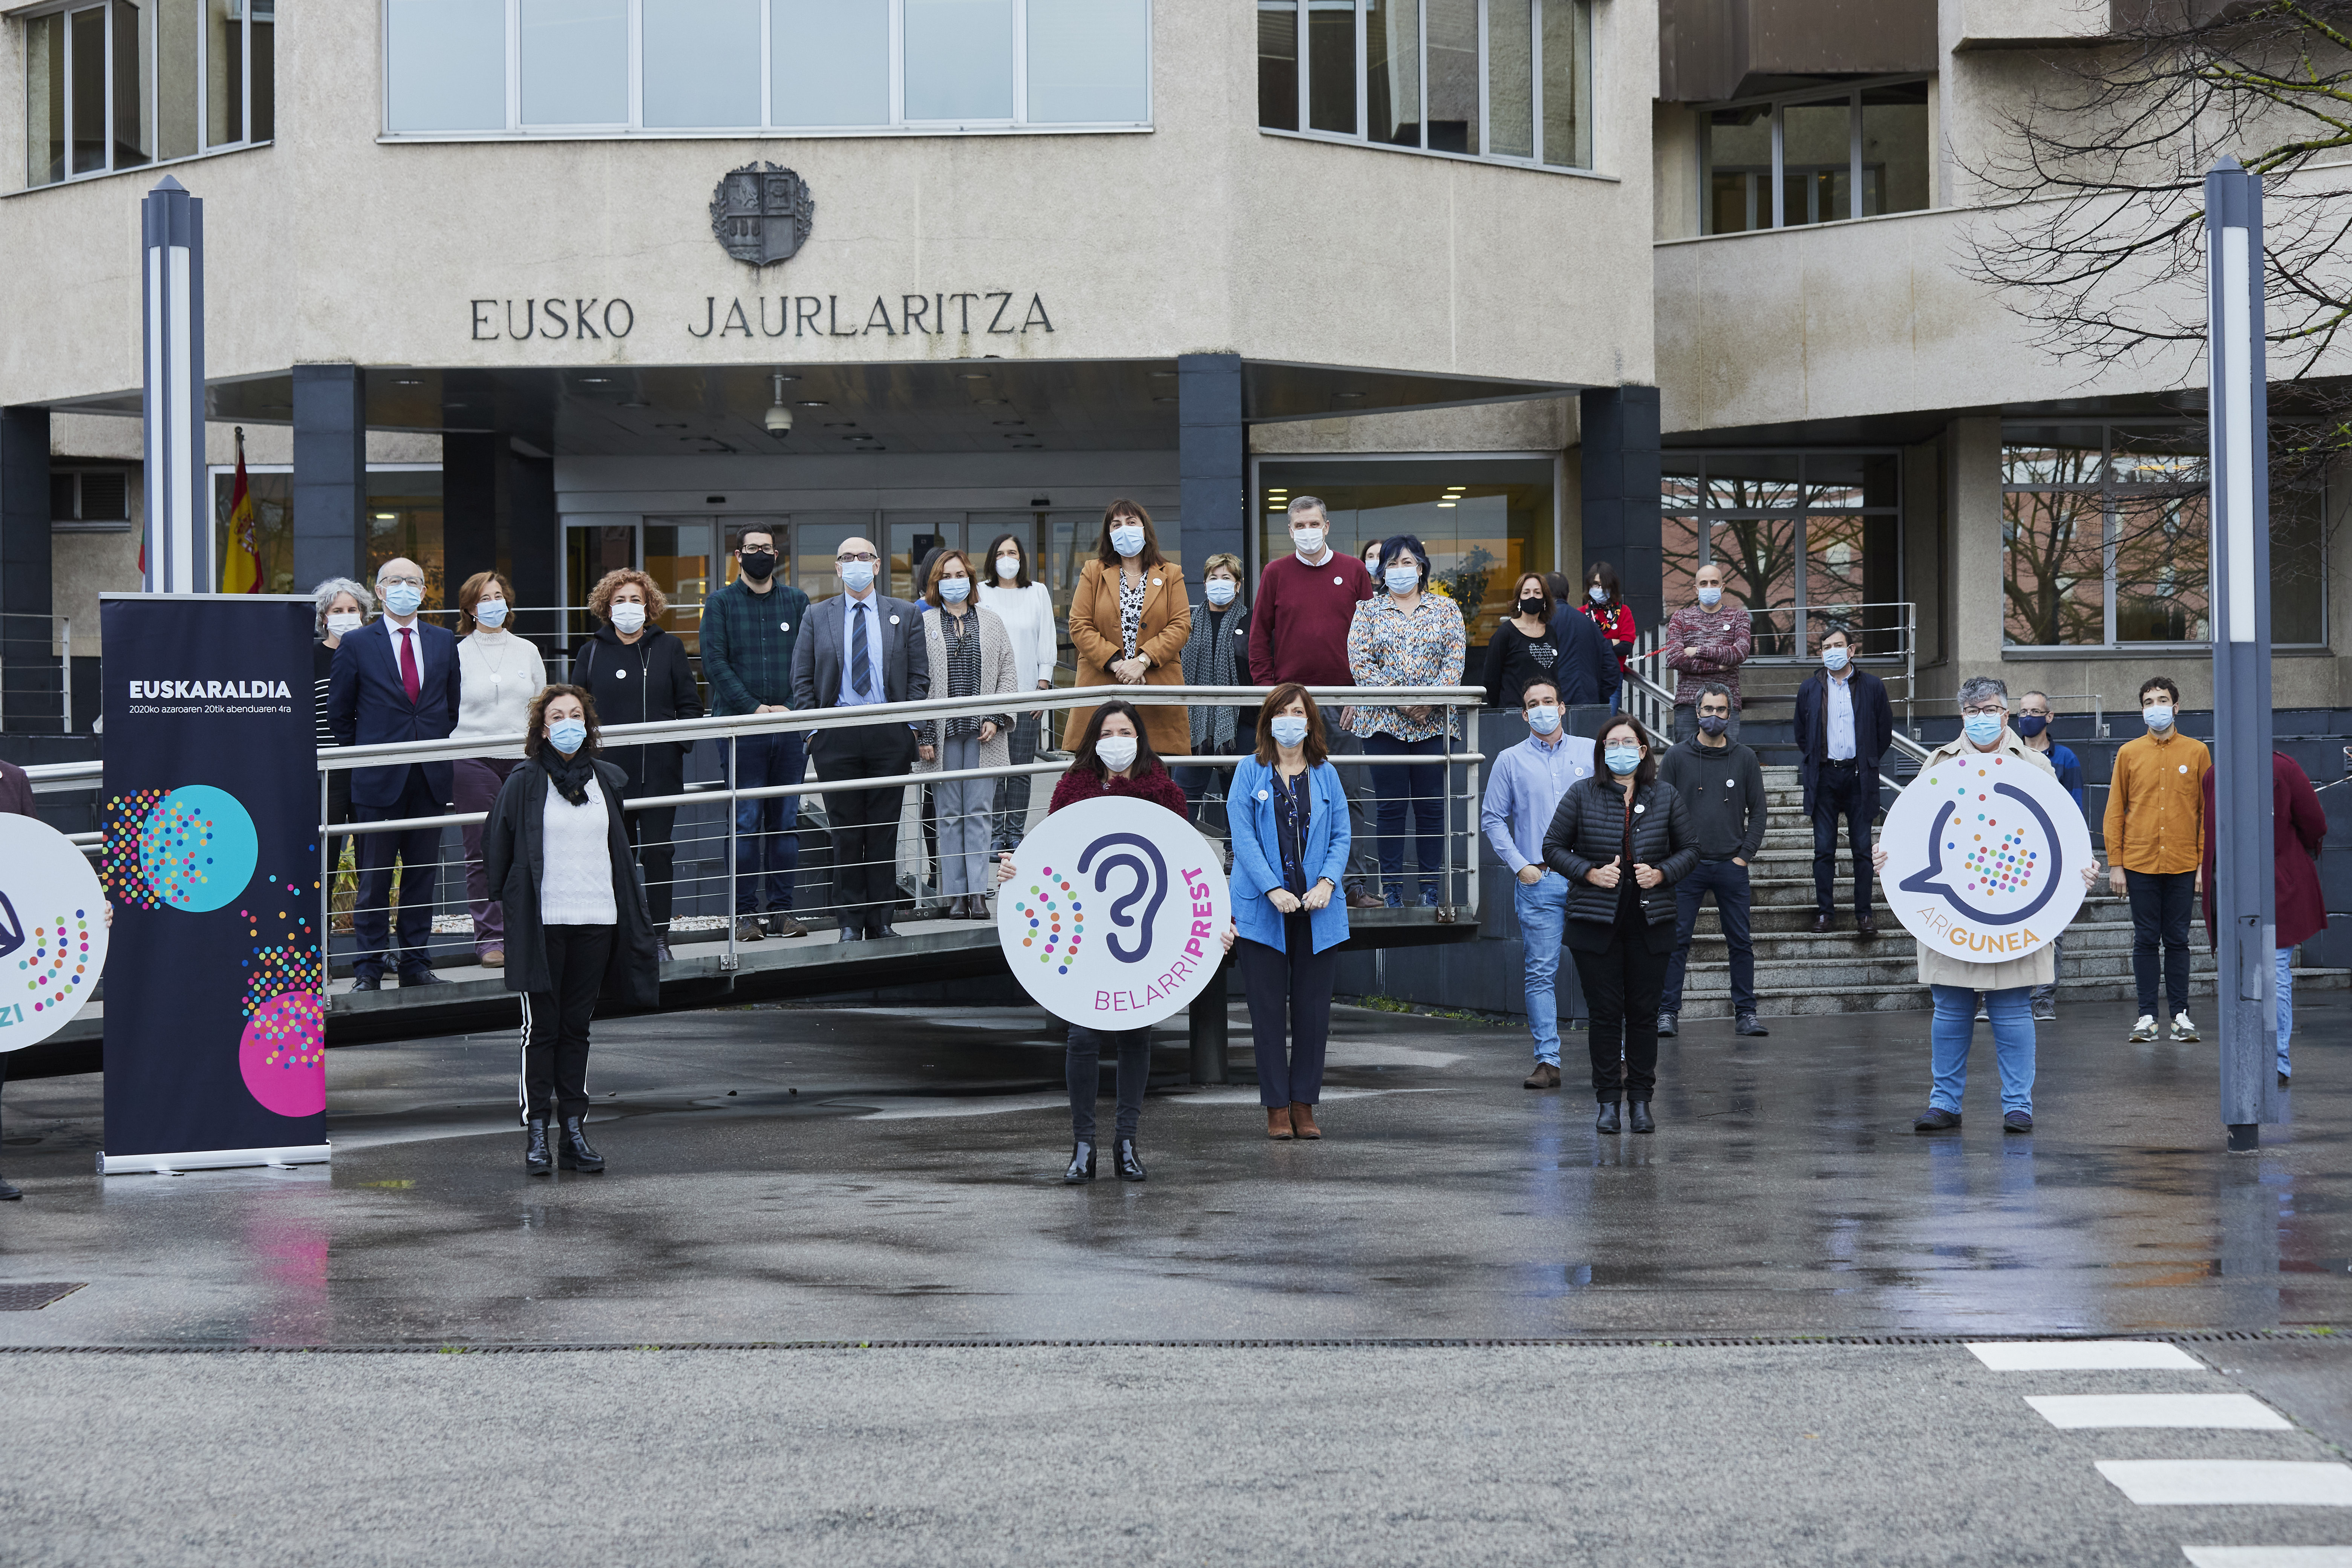 El Departamento de Igualdad, Justicia y Políticas Sociales del Gobierno Vasco se suma al Euskaraldia con 15 Arigunes y más de 100 participantes [0:00]